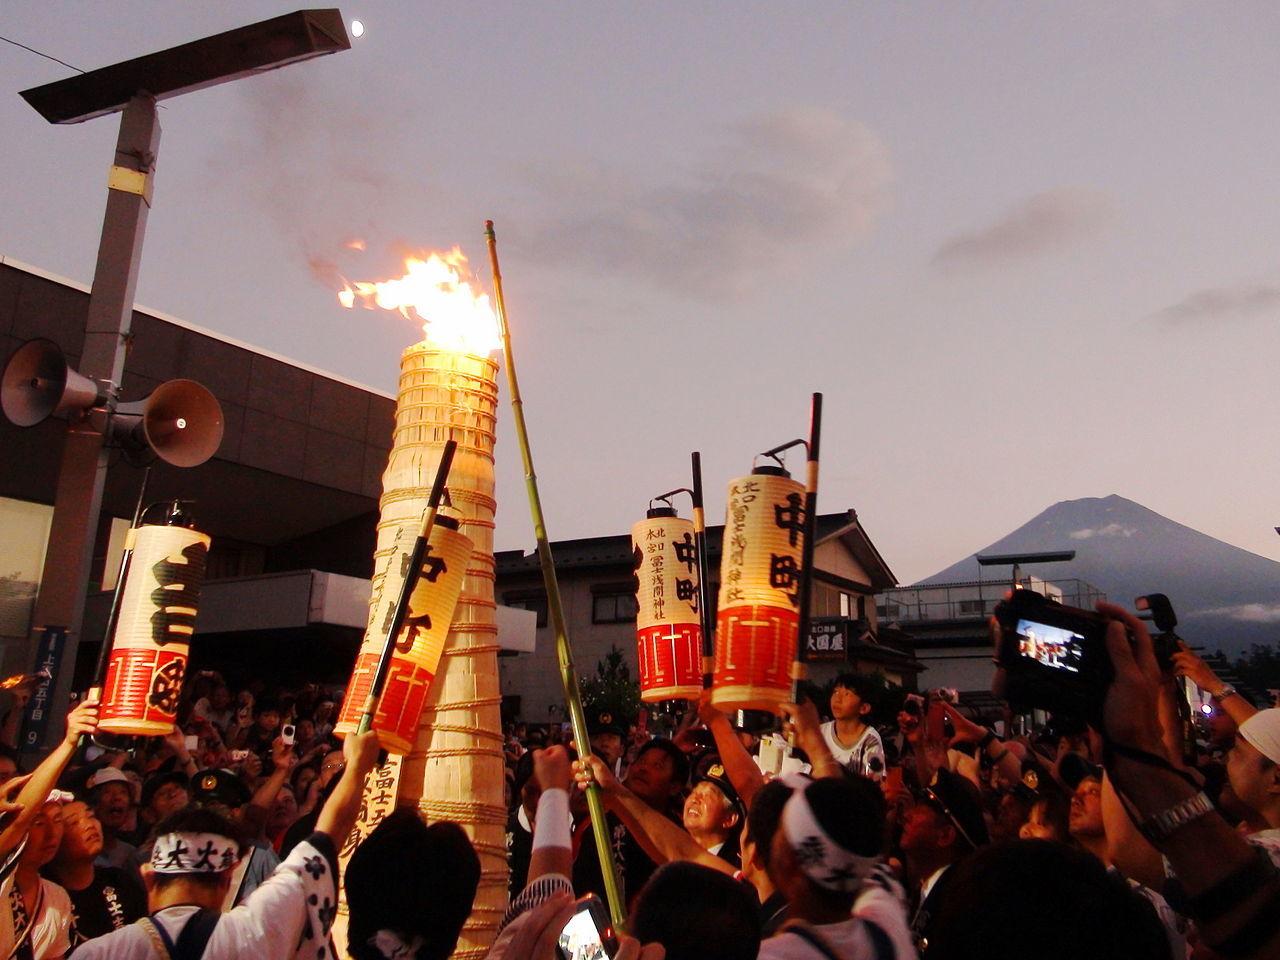 吉田の火祭り(すすき祭り)の画像